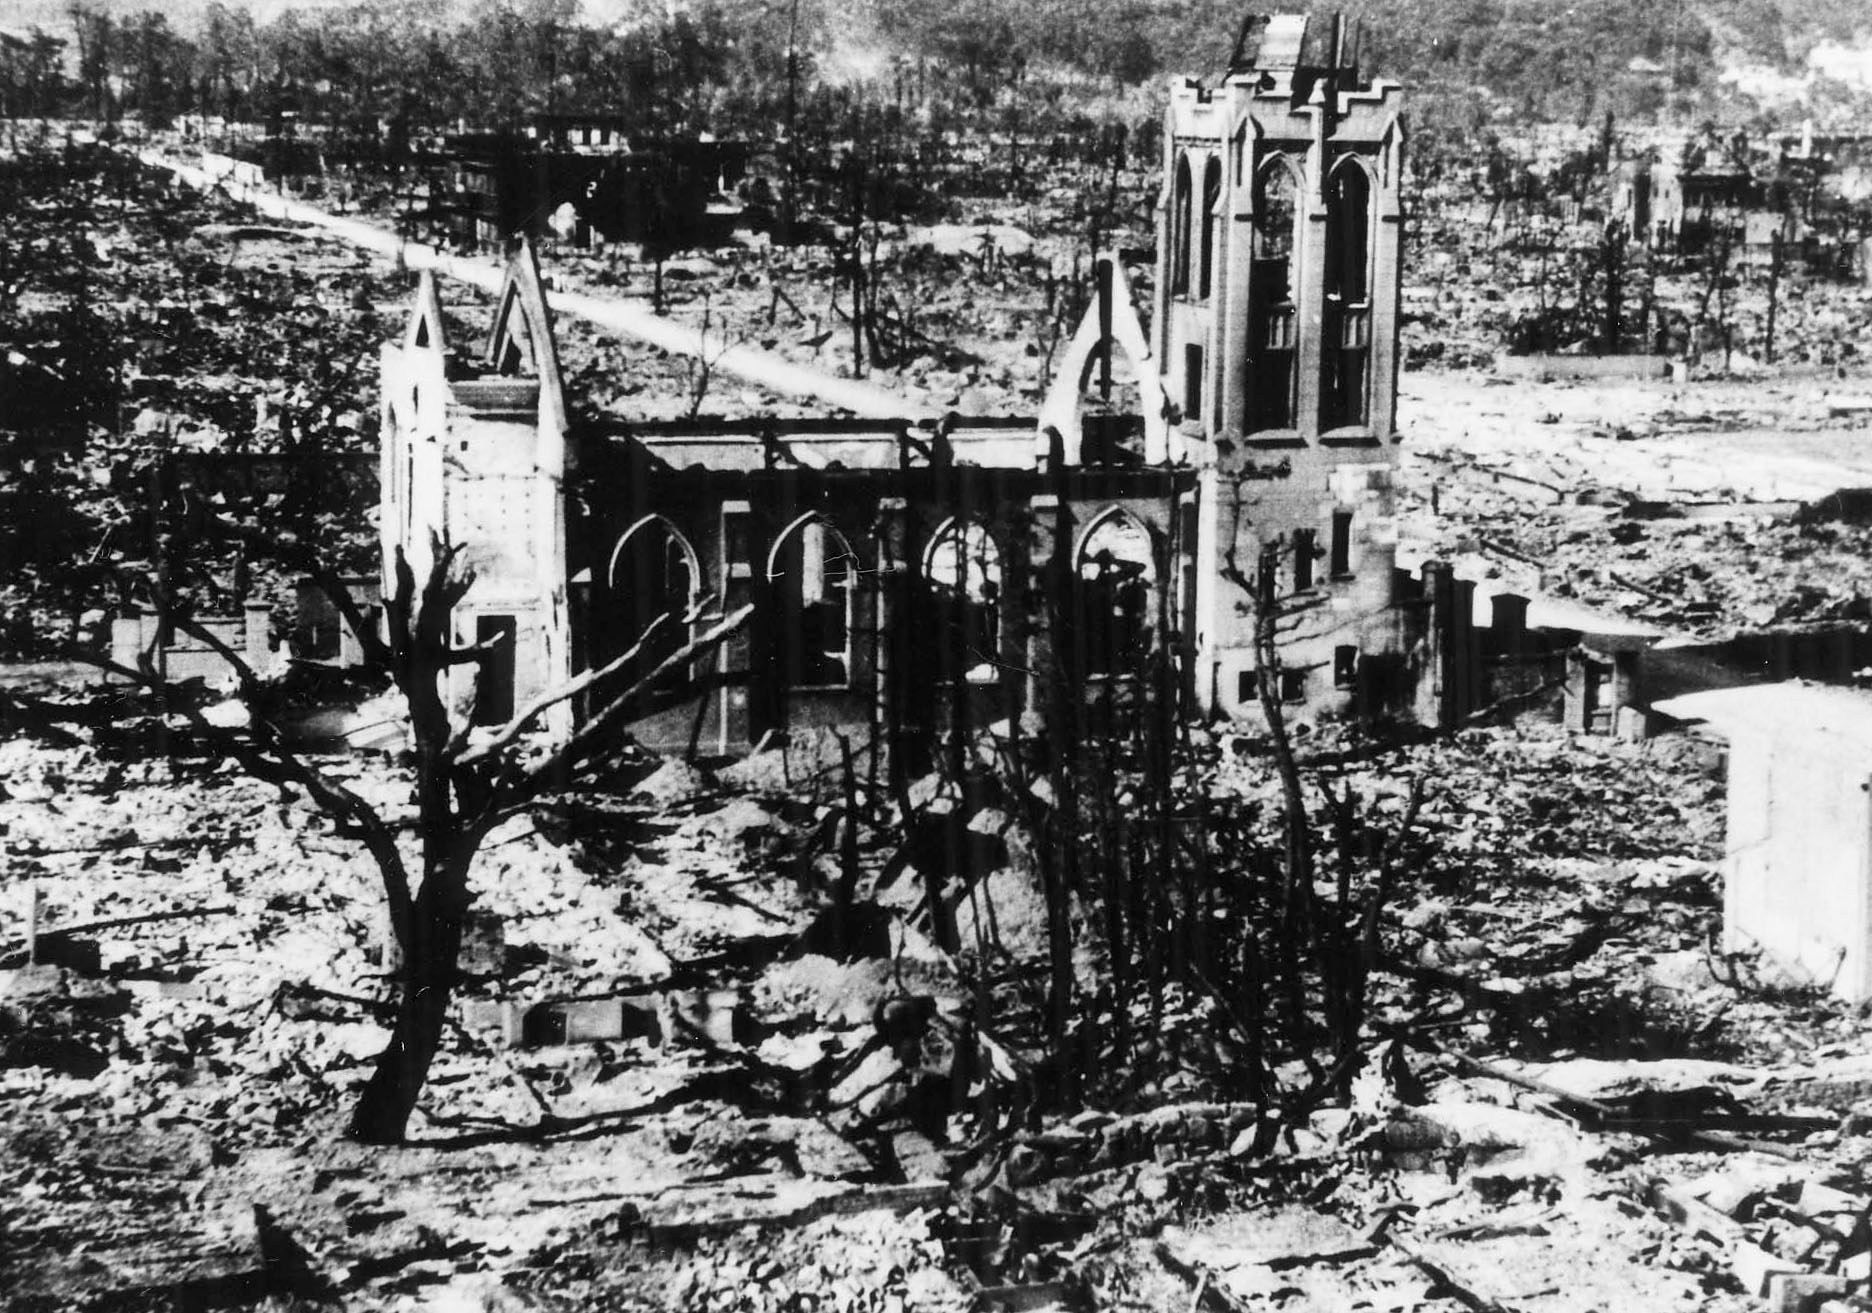 Nagarekawa Methodist Church Hiroshima The World War Ii August 6